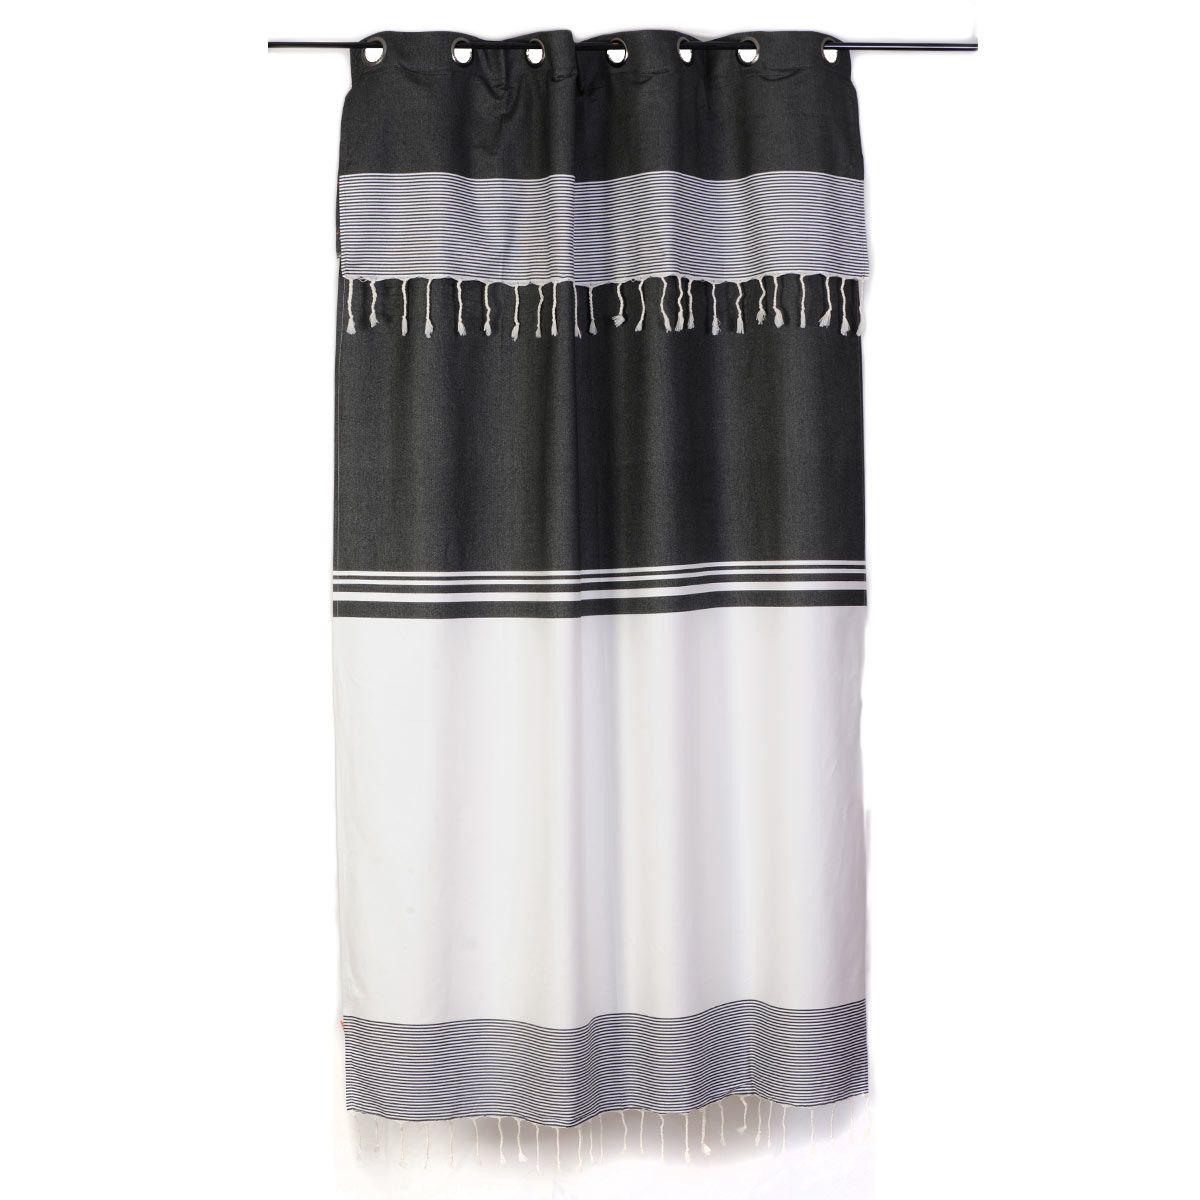 Rideau Raye Noir Et Blanc Style Ethnique Chic Et Ajustable En Hauteur Par Un Systeme De Boutonniere Composition 100 Rideaux Rideau Noir Et Blanc Rideaux Rayes